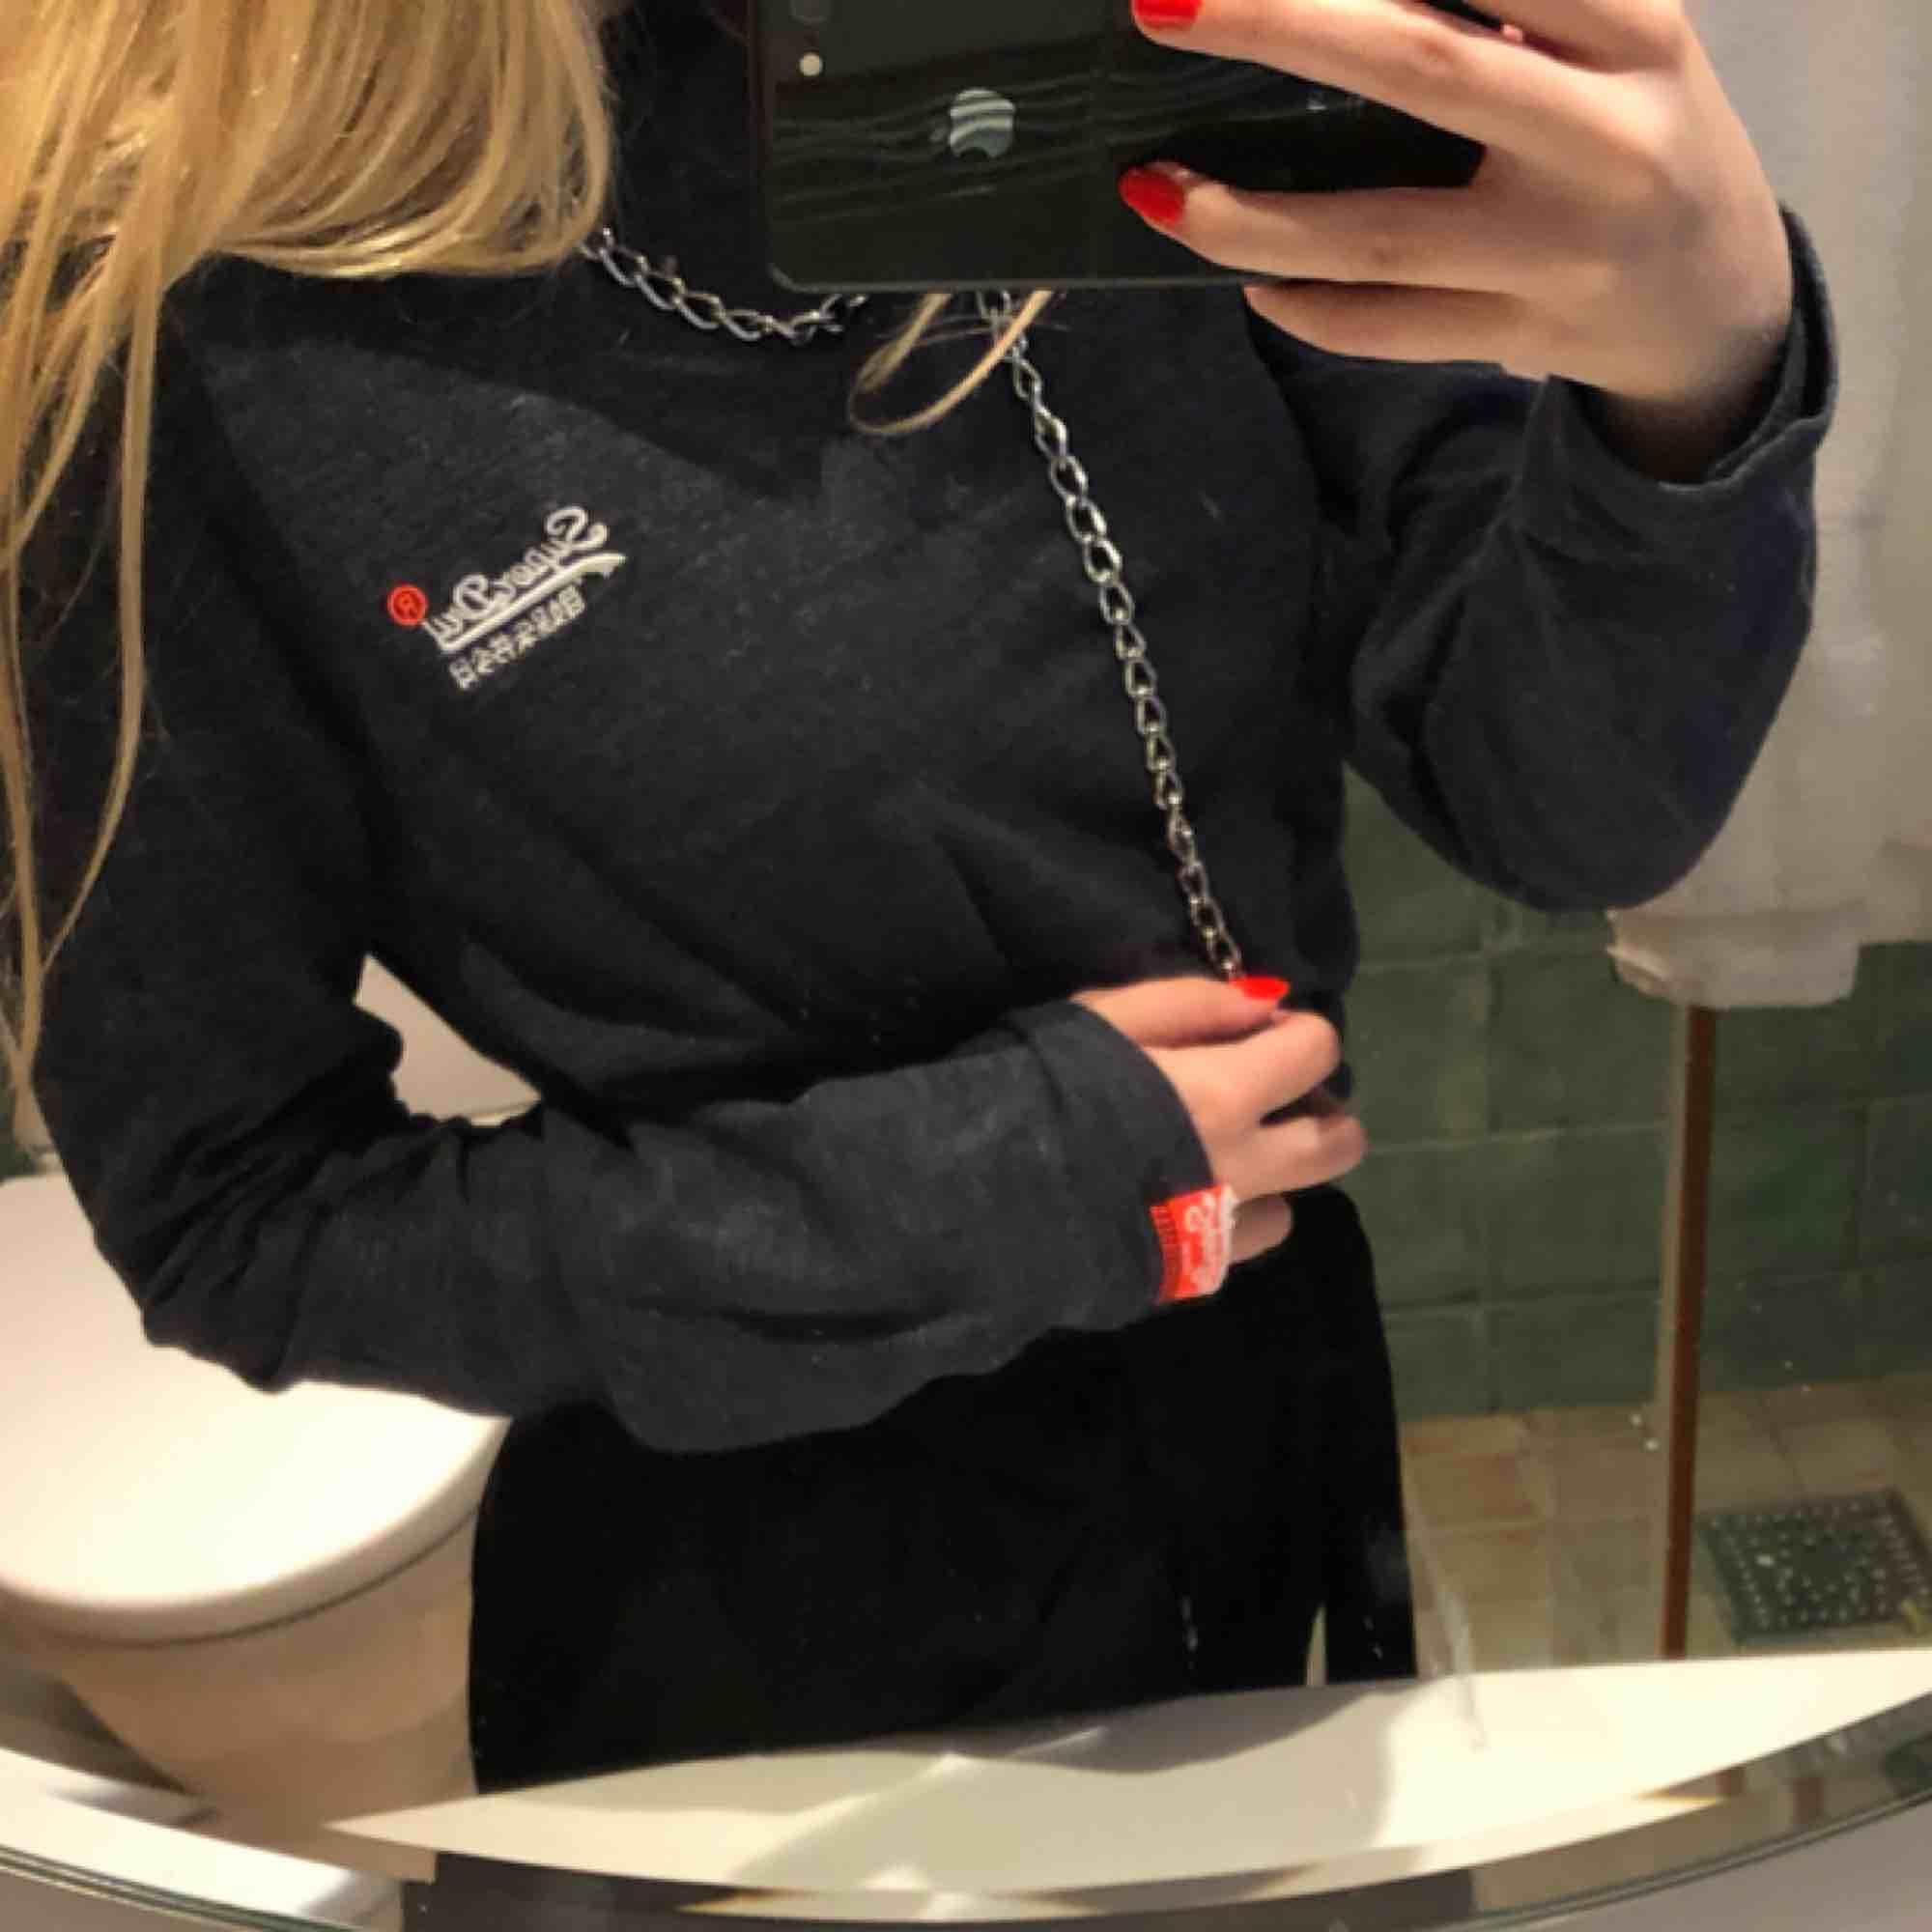 Äkta, jäääättesnygg långärmad tröja från Superdry! Älskar den men kommer tyvärr inte till användning. Storlek M men passar det mesta, beroende på hur man vill att den ska sitta! Nyskick!. Tröjor & Koftor.